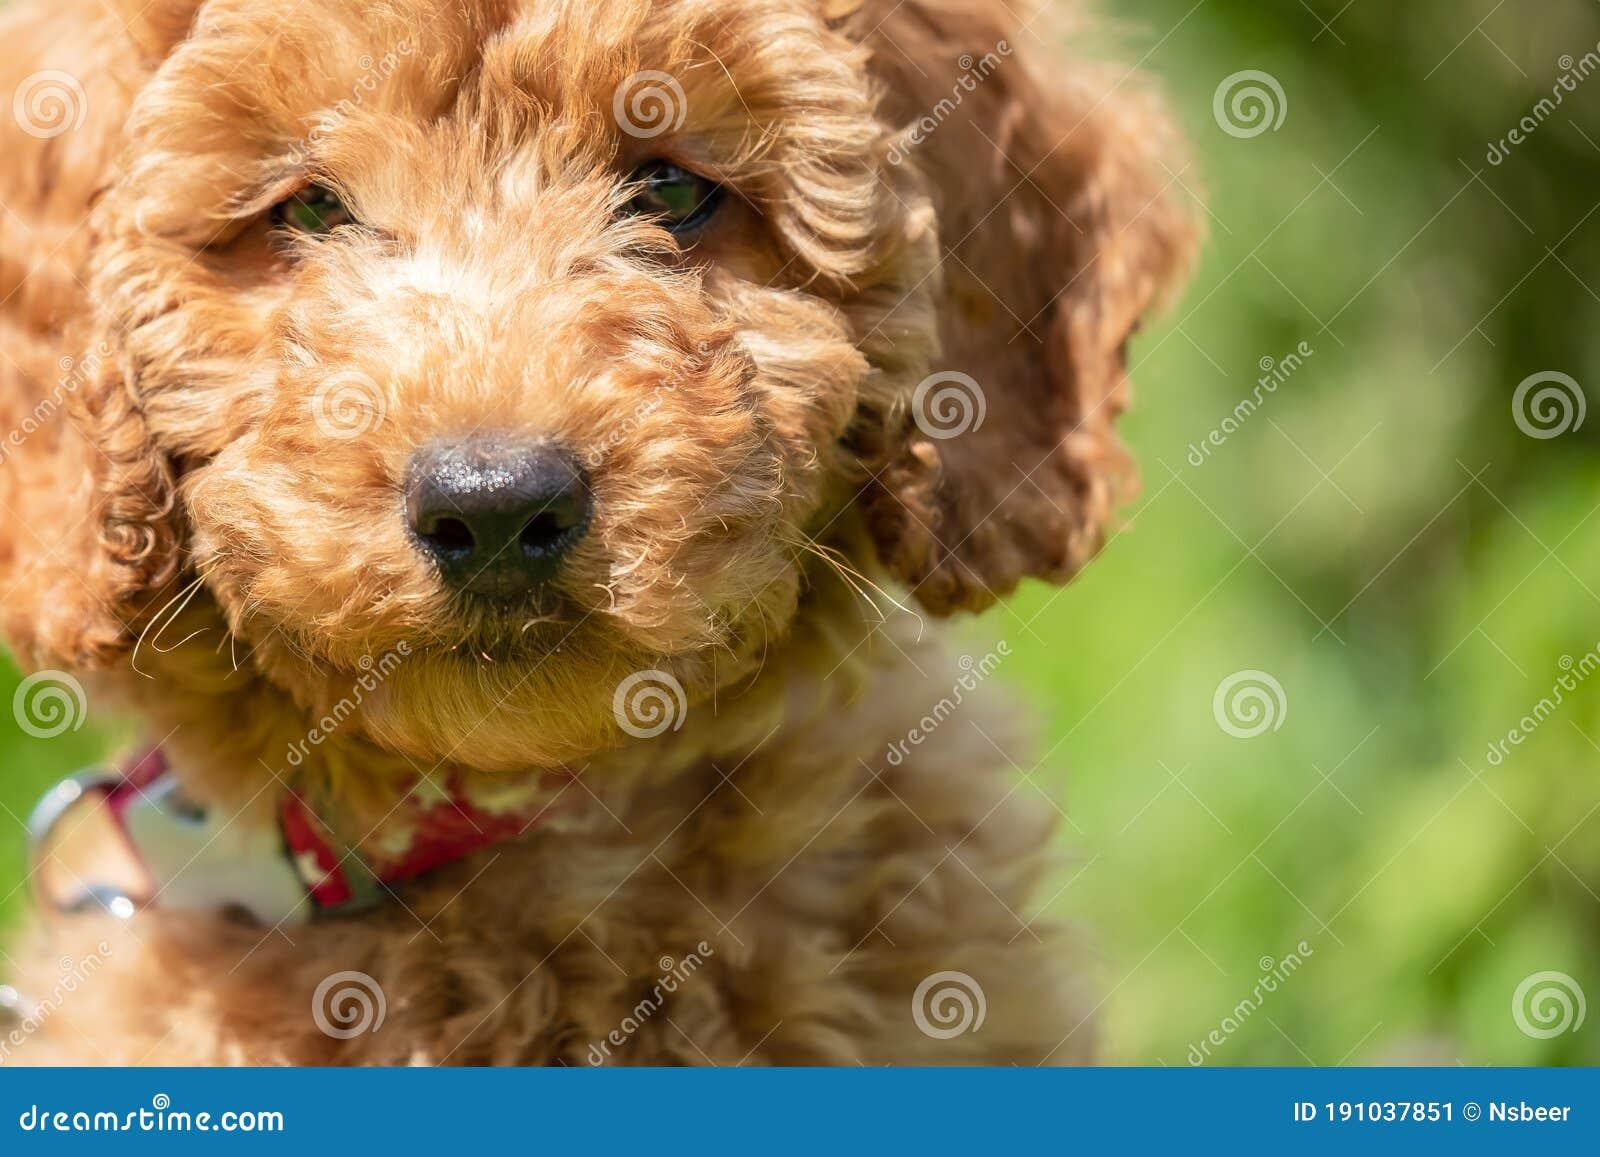 Mini Poodle kaalulangus